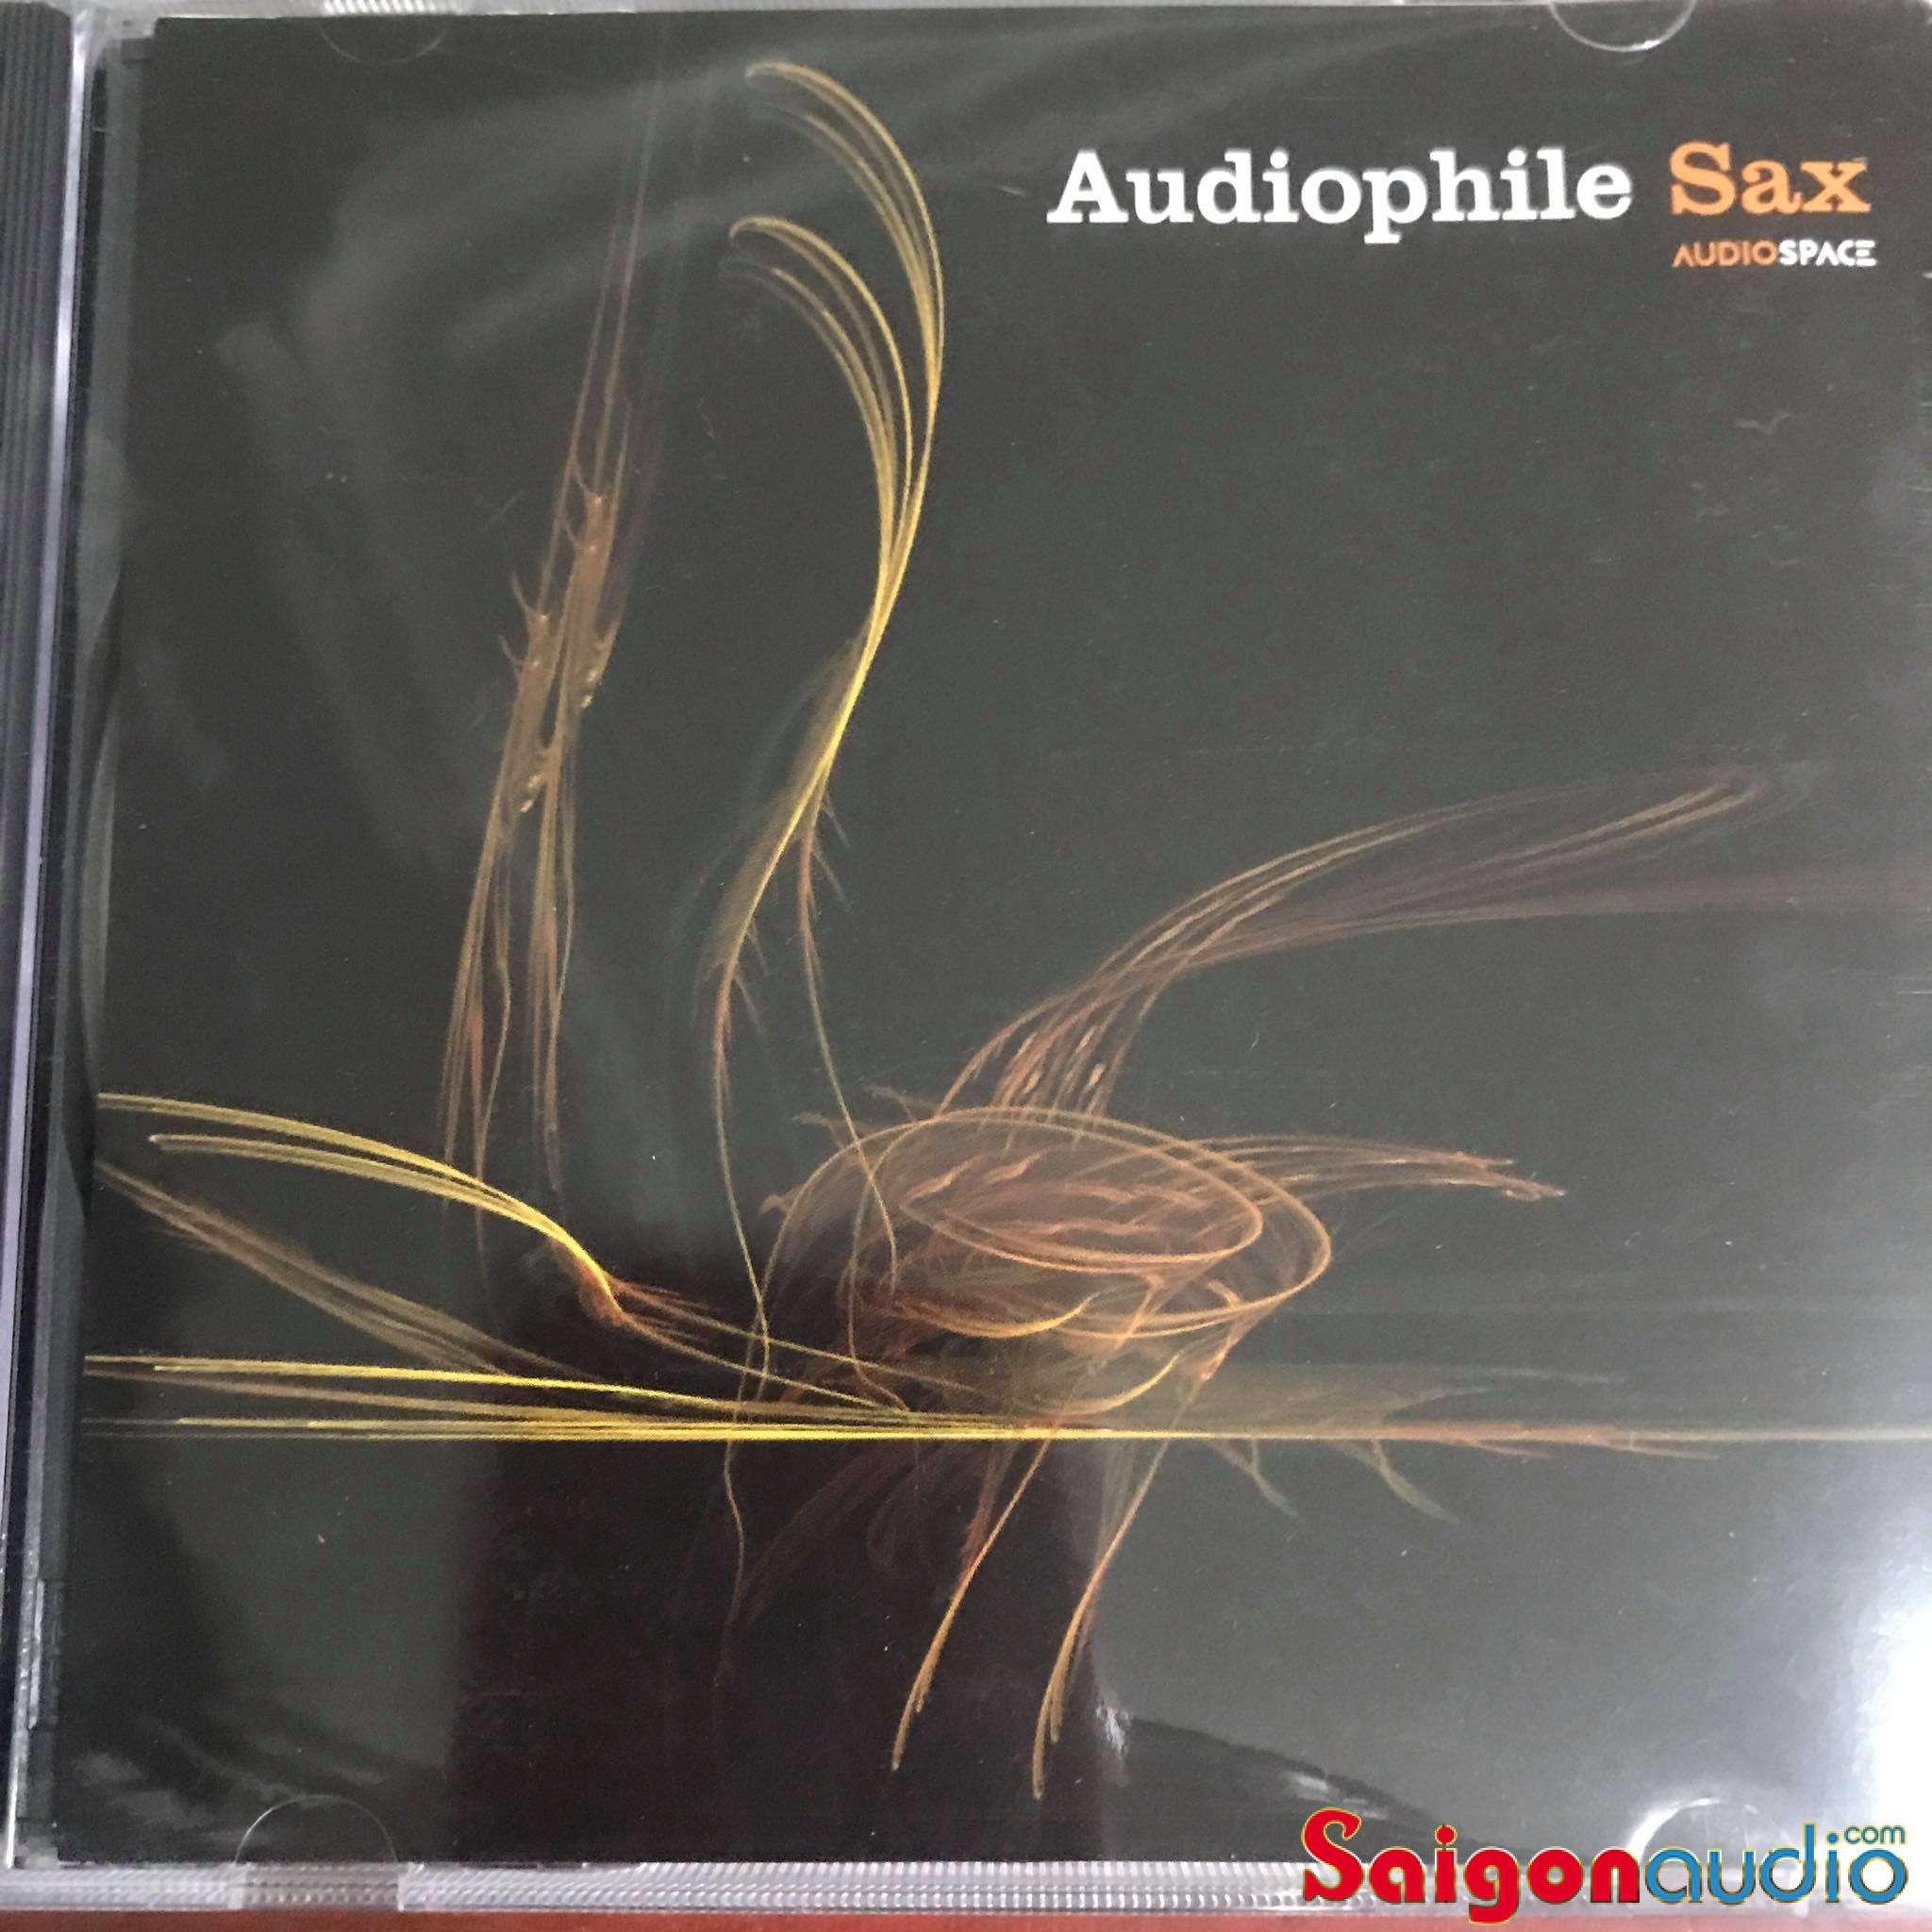 Đĩa CD nhạc Audiophile Sax - Audio Space (Free ship khi mua 2 đĩa CD cùng hoặc khác loại)